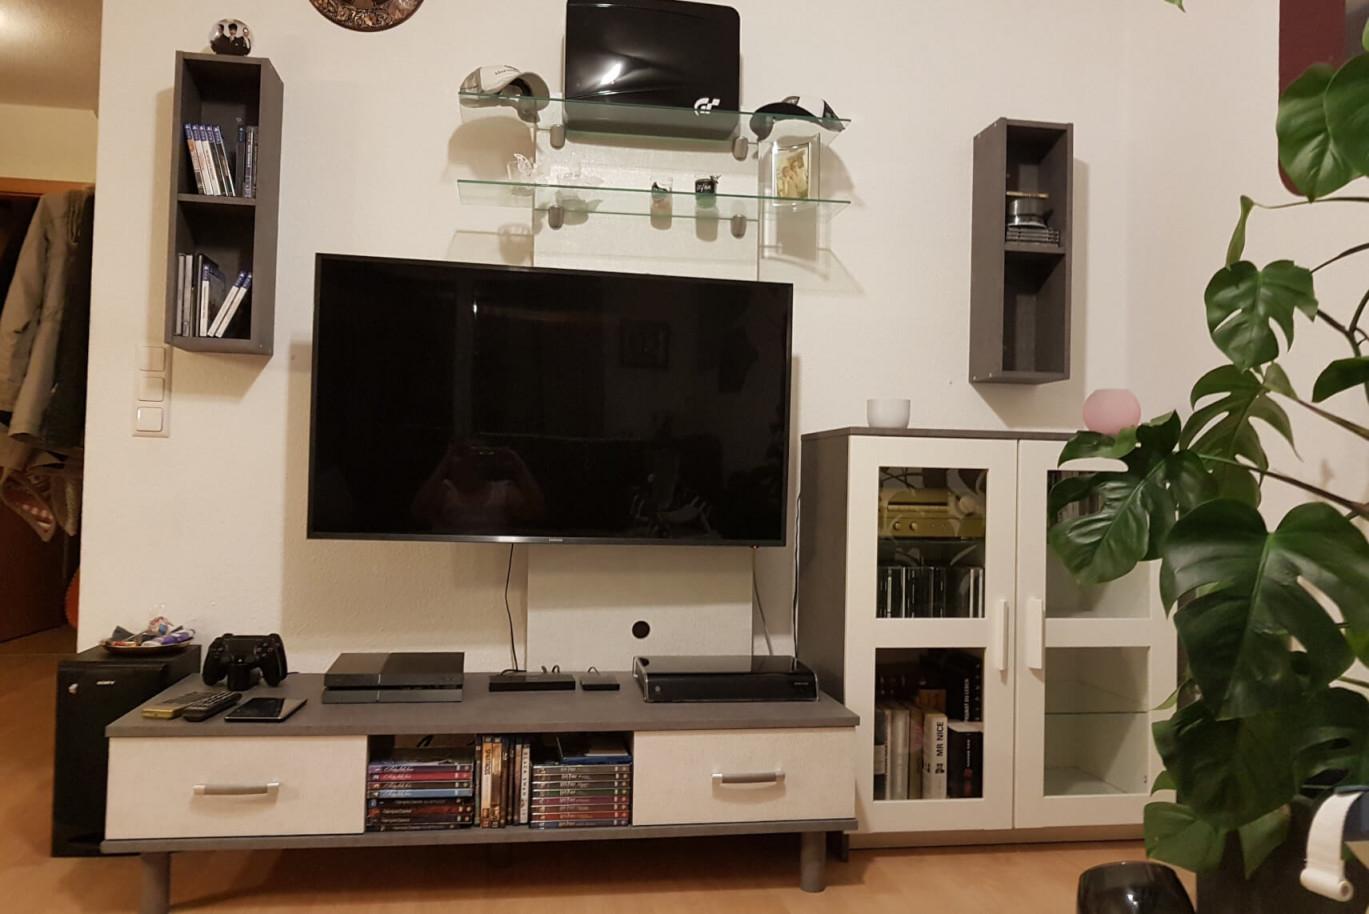 Wohnzimmer Gestalten  Modern  Grau Weiß Beton  Resimdo von Wohnzimmer Fernsehwand Ideen Photo